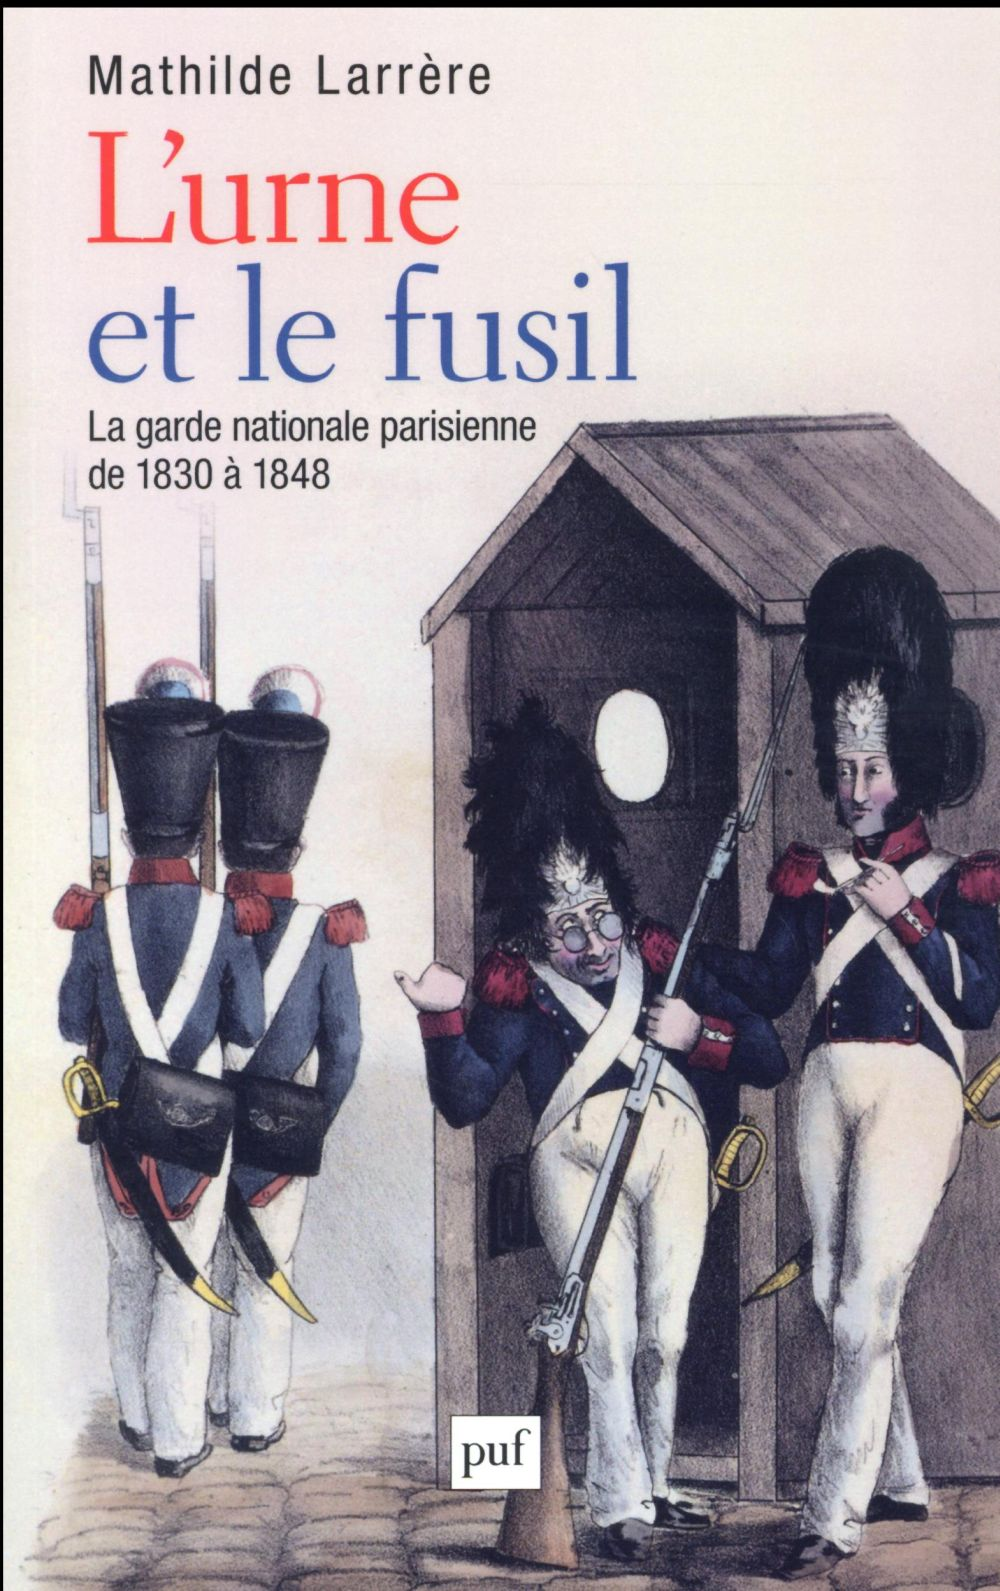 L'URNE ET LE FUSIL - LA GARDE NATIONALE DE 1830 A 1848